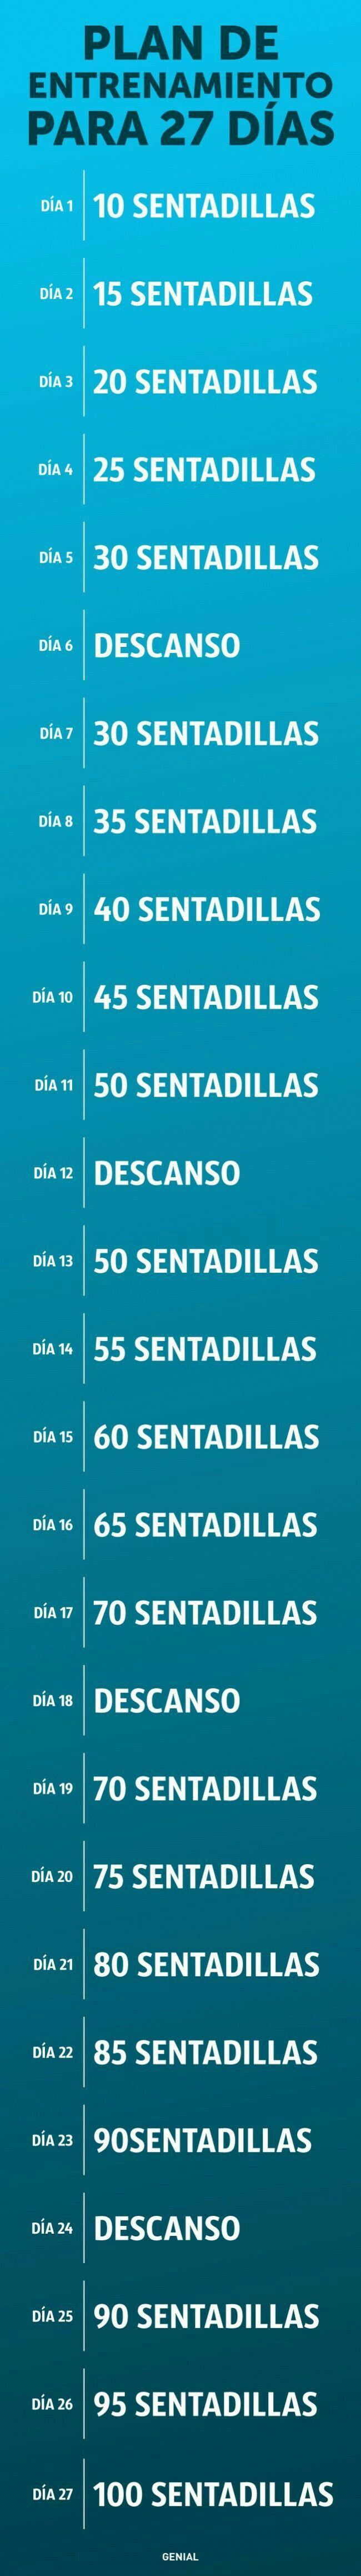 #RetoSentadillas #Ejercicio